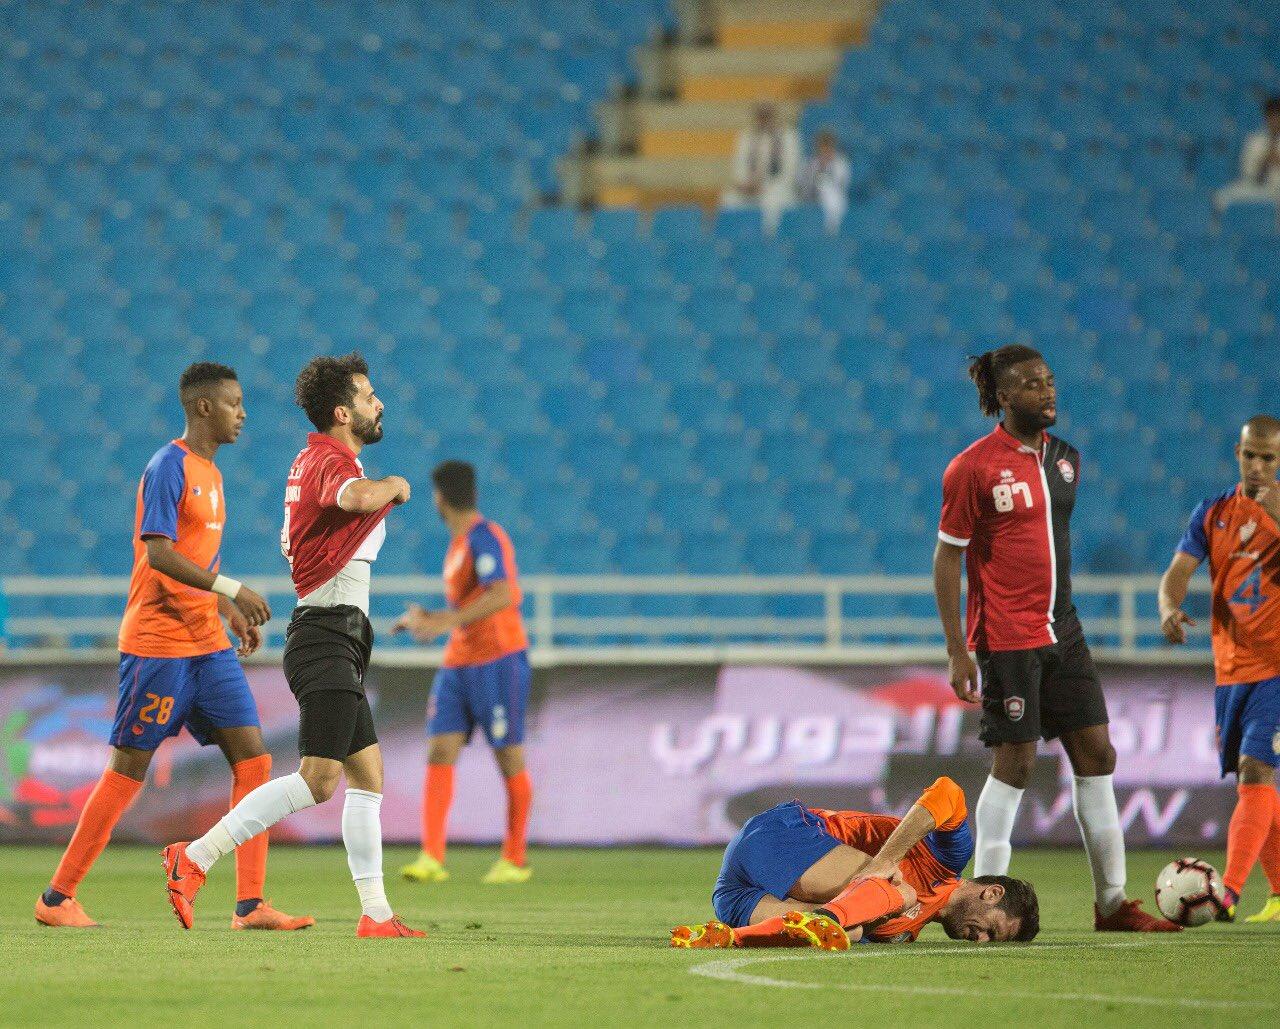 مشاهدة مباراة الرائد والفيحاء بث مباشر بتاريخ 28-09-2019 الدوري السعودي